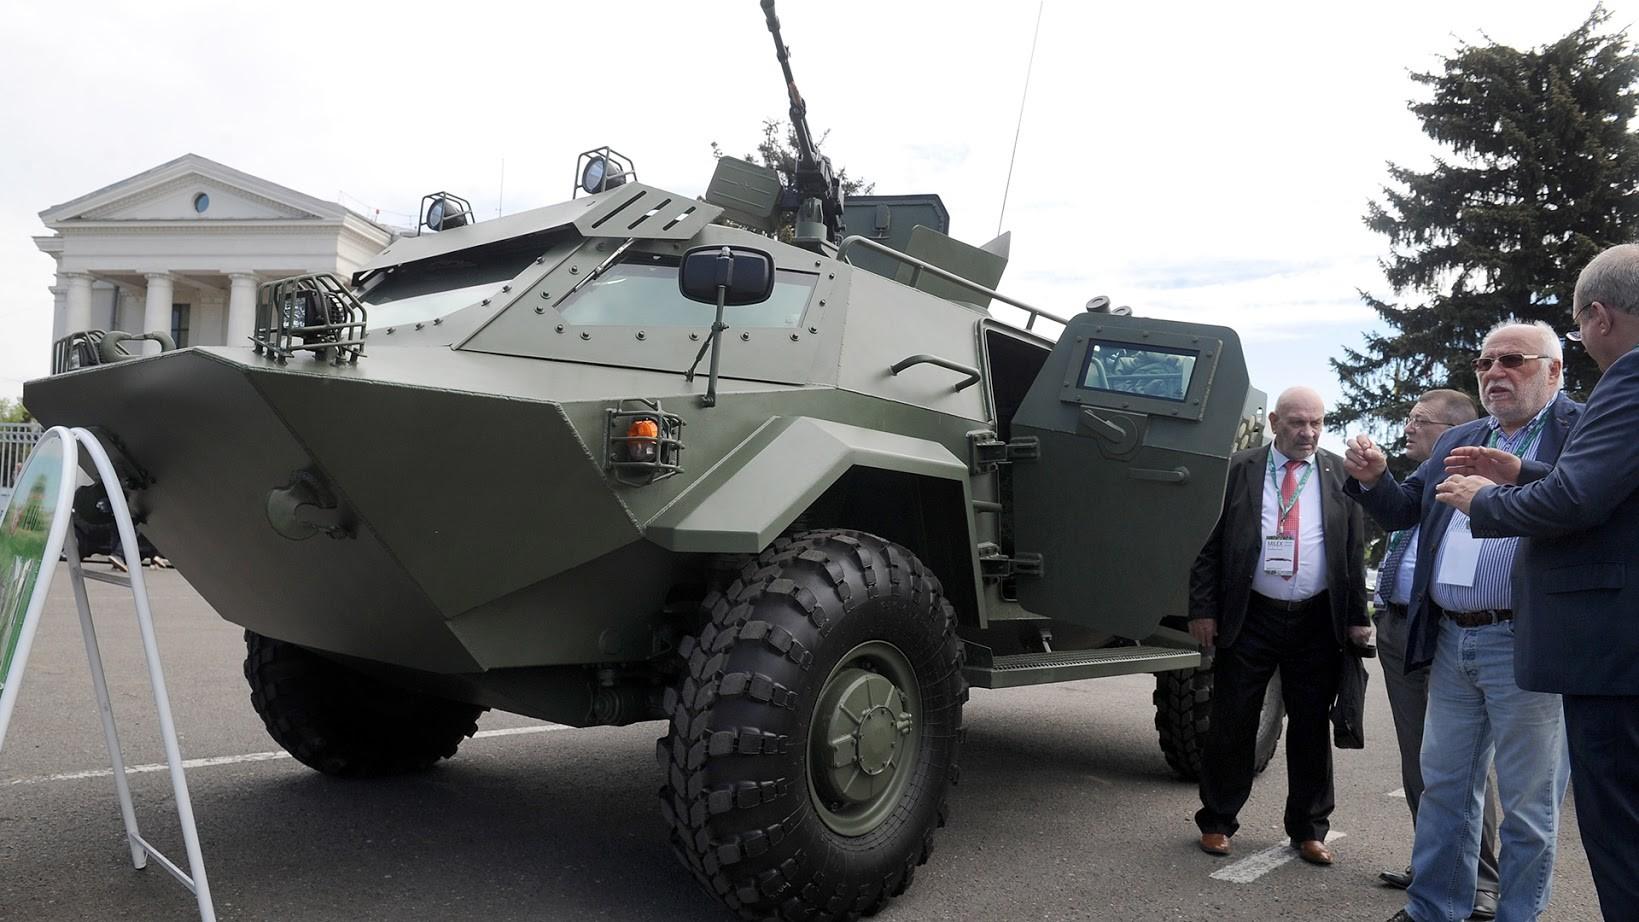 Oklepnik Kajman, oboroženo izvidniško-patruljno vozilo za Belorusijo, na 8. mednarodnem orožarskem sejmu Milex 2017 v Minsku.